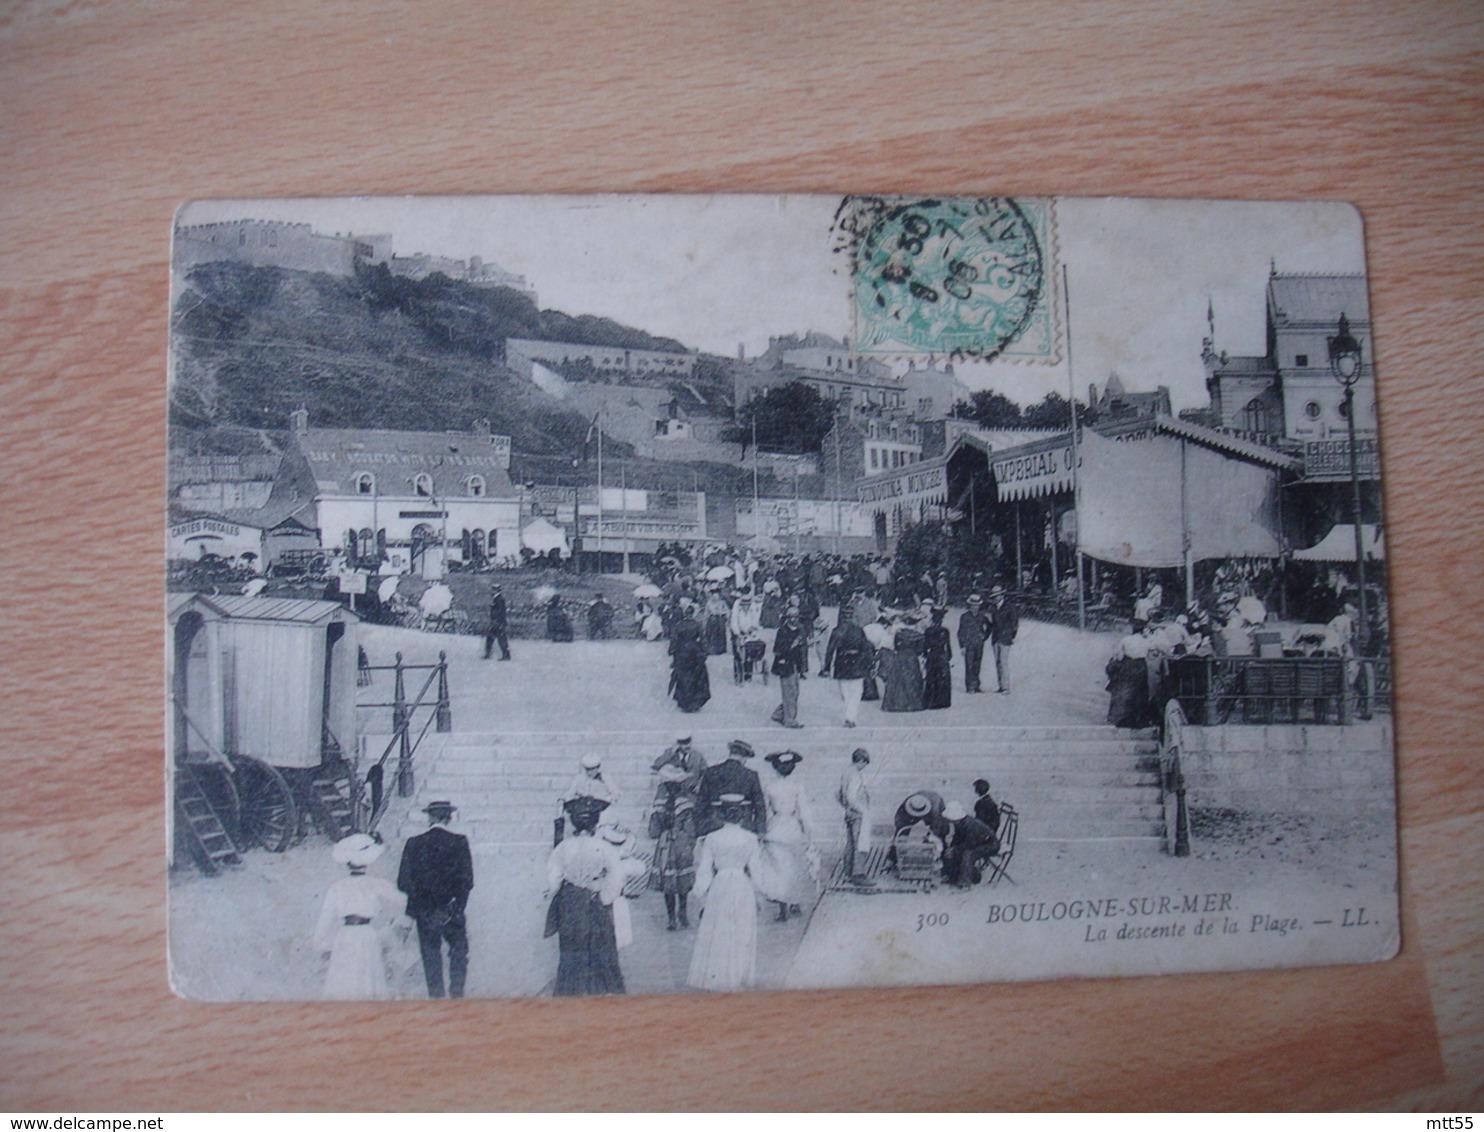 Boulogne Sur Mer Foule Descente De La Plage 1905 - Boulogne Sur Mer